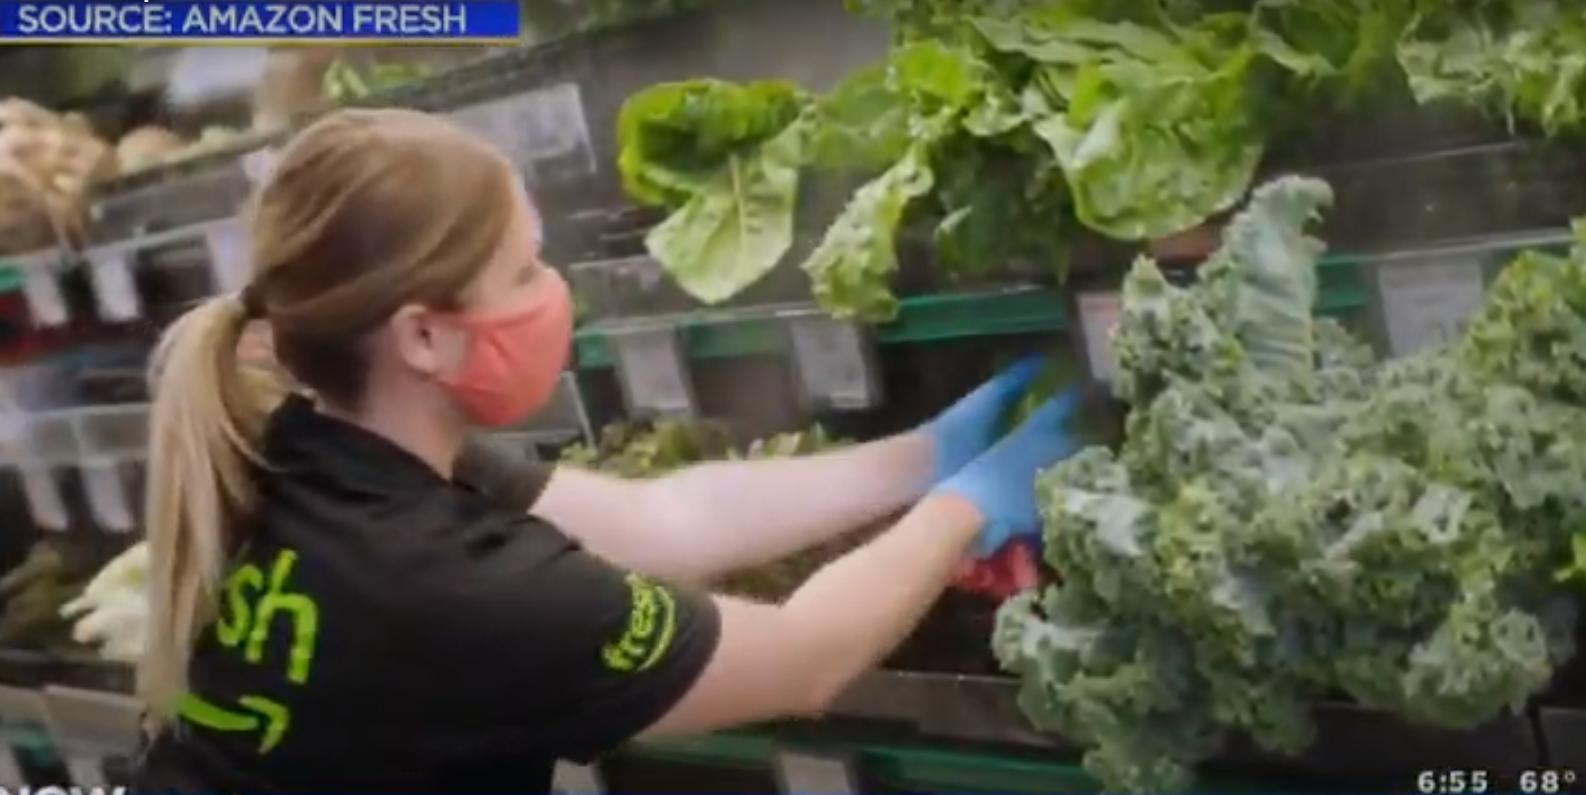 La première épicerie hybride Amazon Fresh Grocery Store est en test public à Los Angeles : présentation officielle.